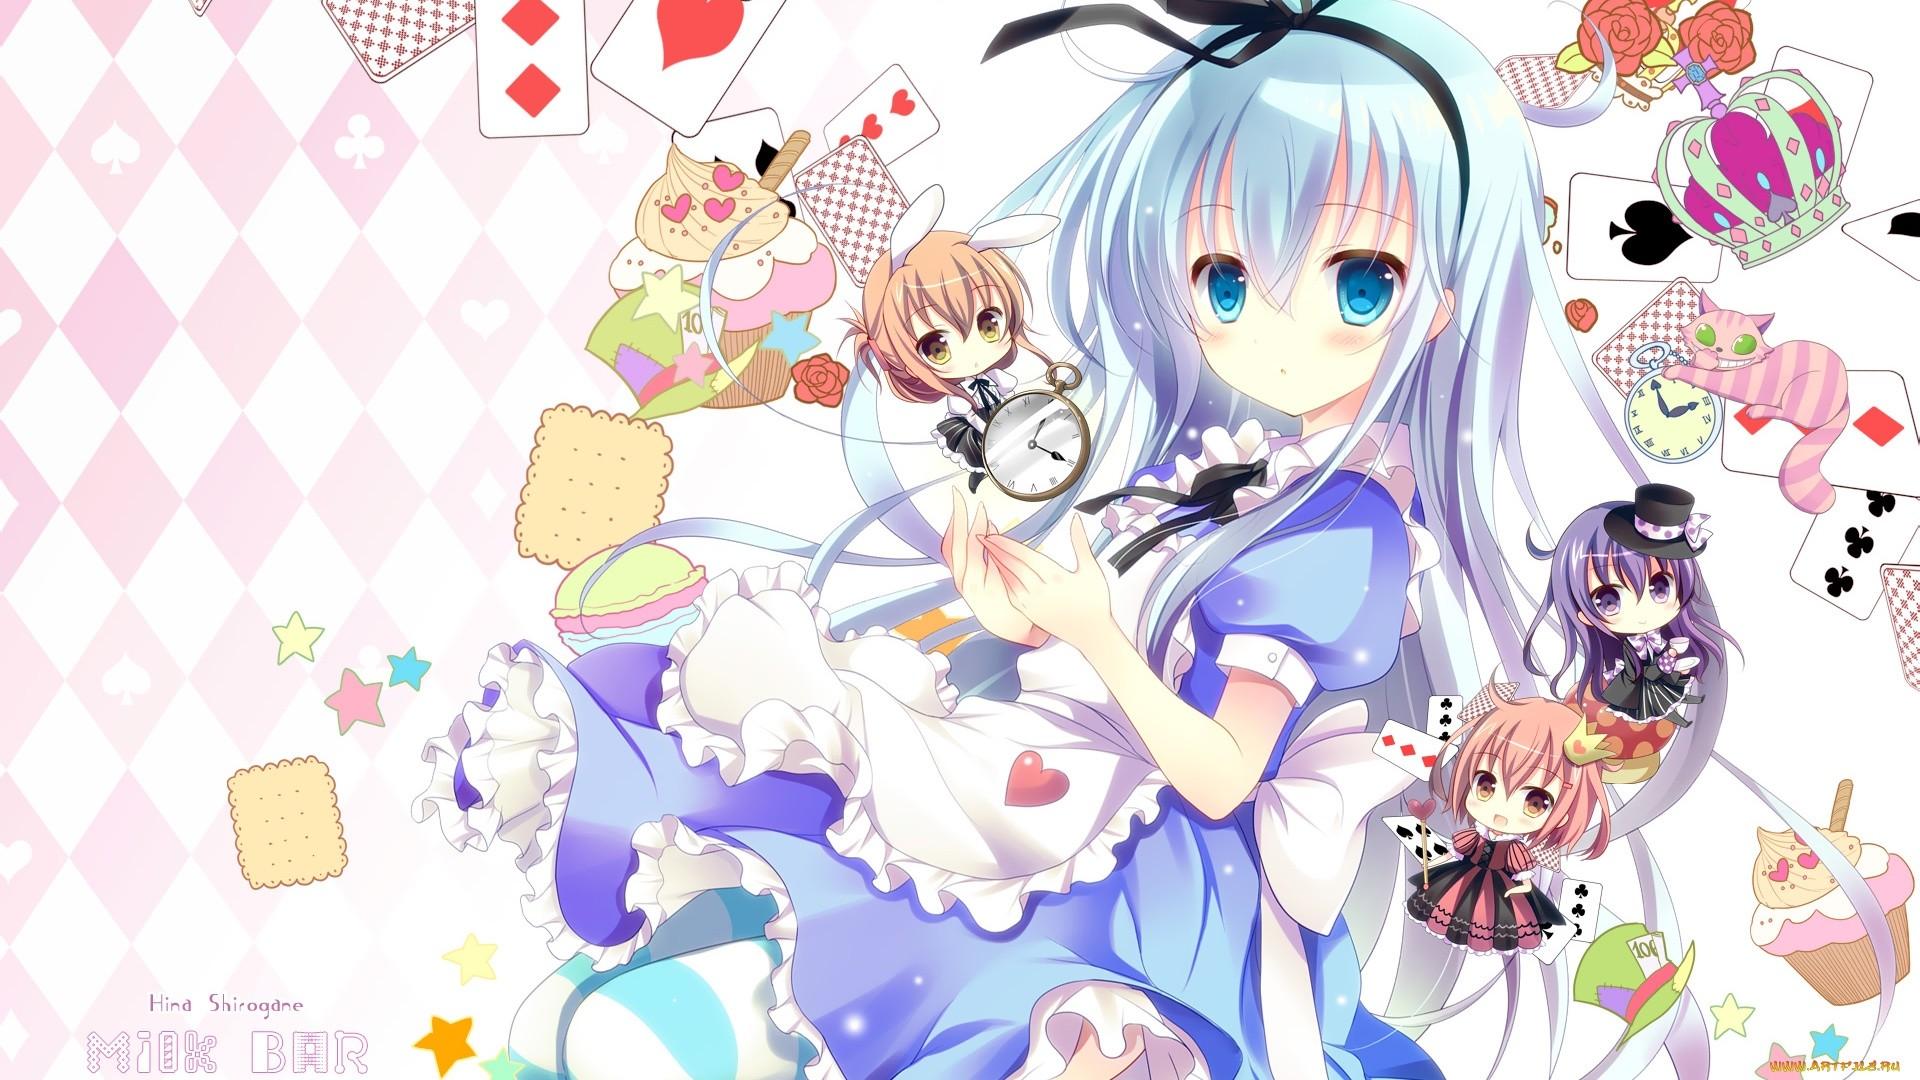 Chibi Anime Girl Pic